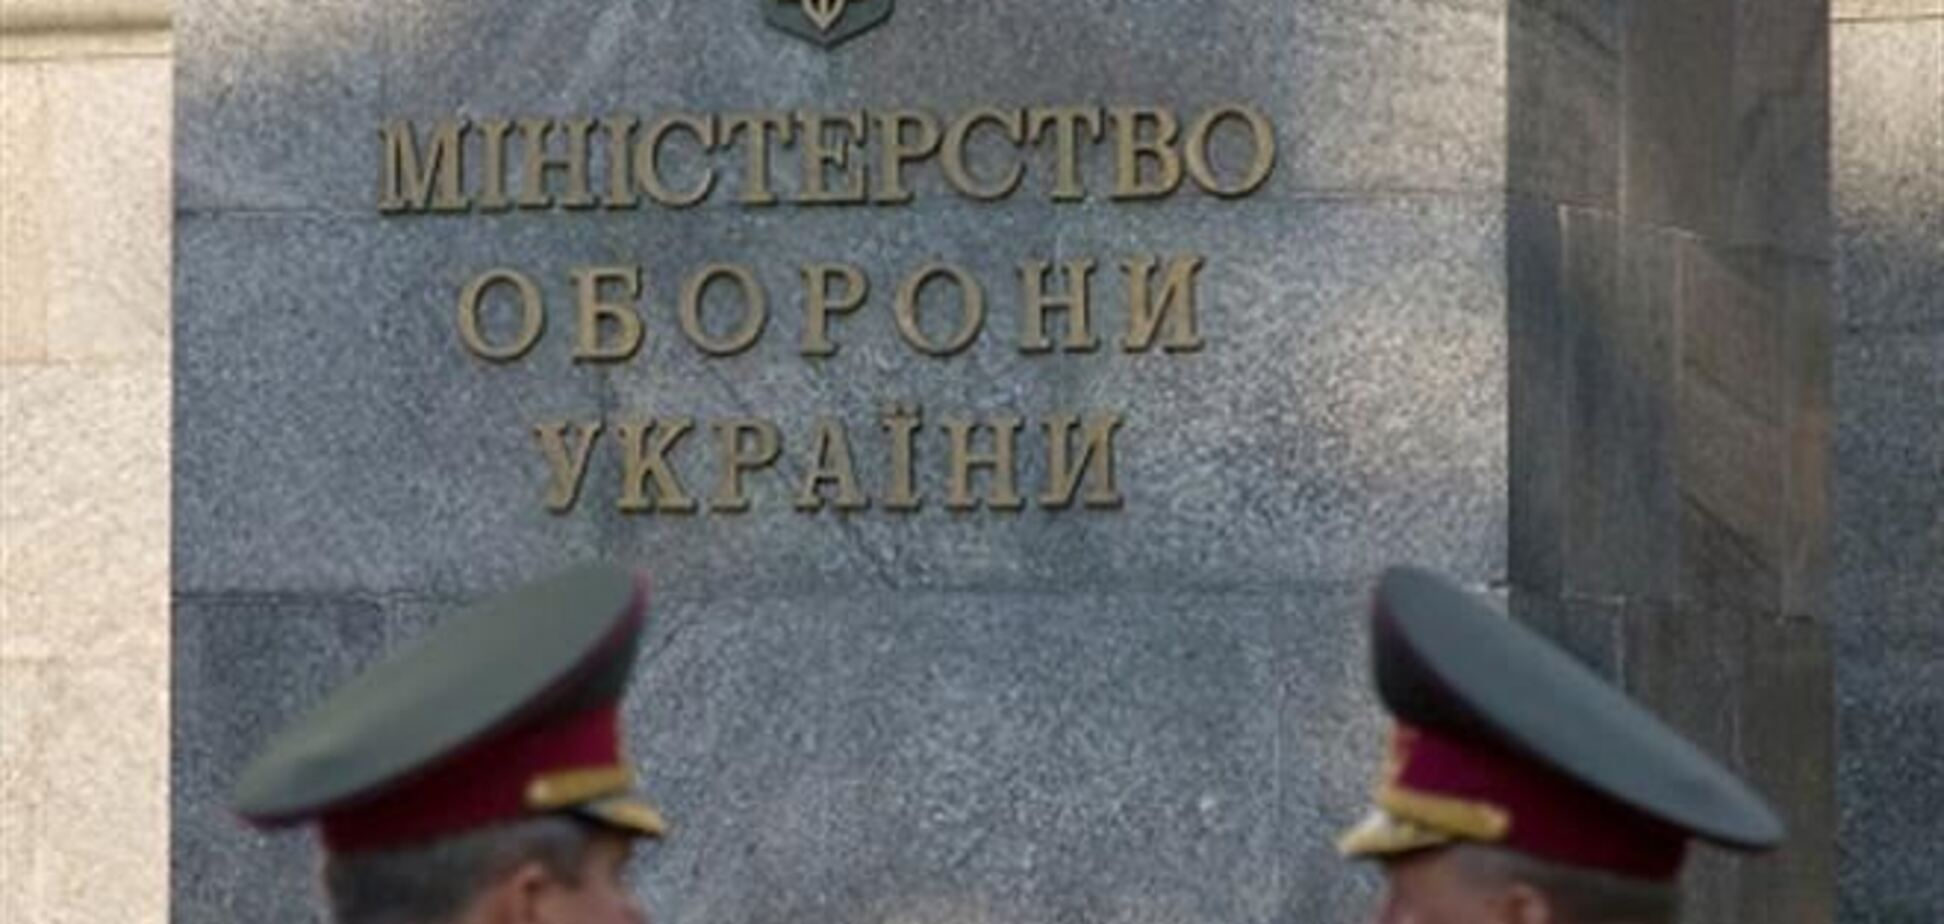 Суд обязал предприятие выплатить Минобороны 3,5 млн грн